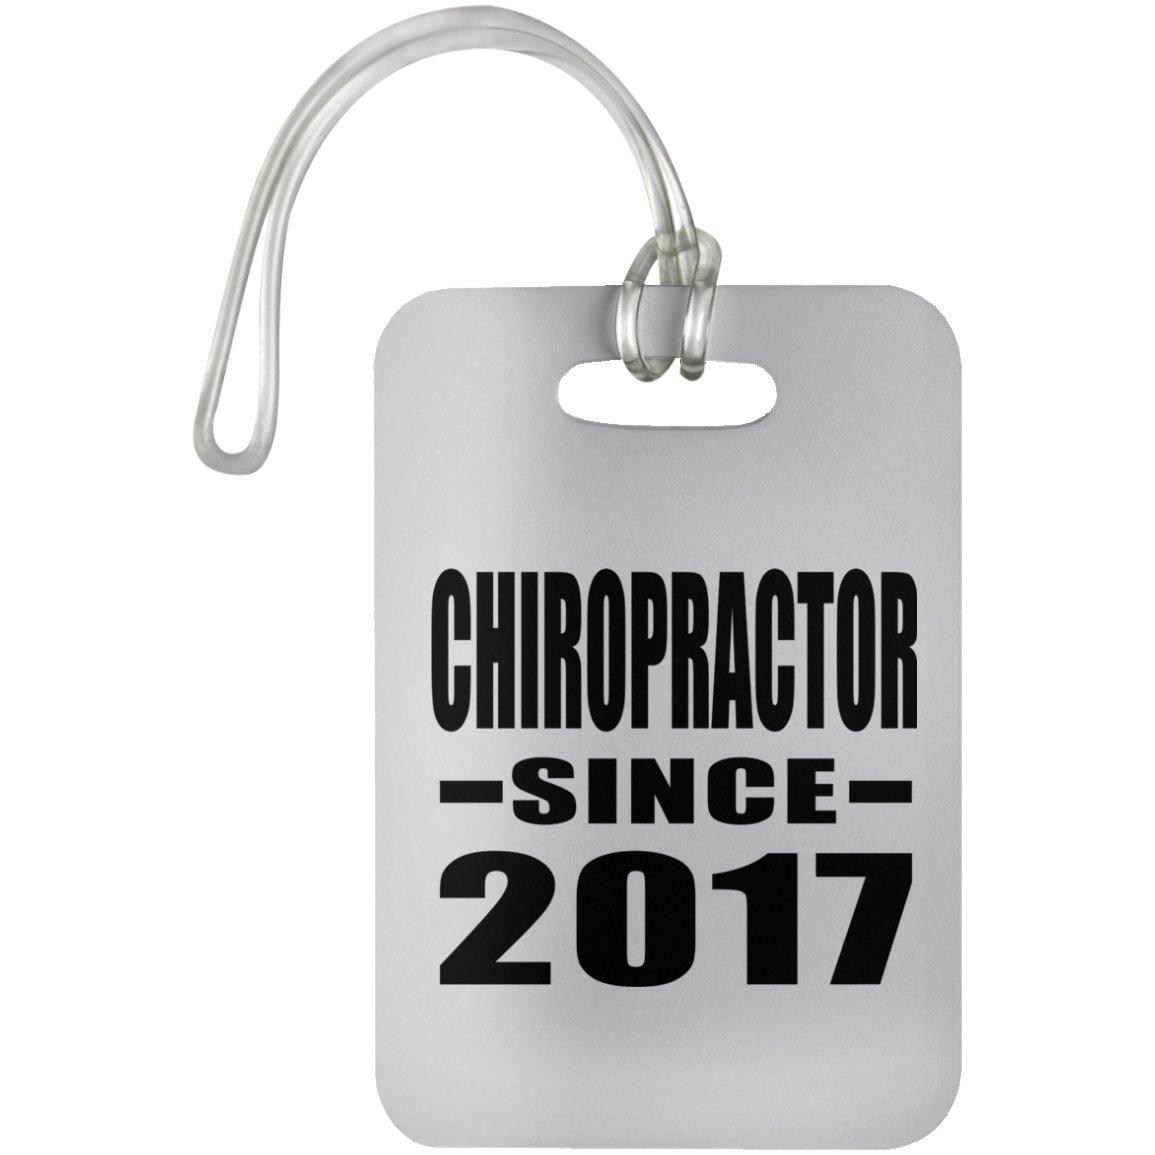 Designsify Chiropractor Since 2017 - Luggage Tag Étiquette de Valise Croisière Valise Baguage - Cadeau pour Anniversaire Fête des Mères Fête des Pères Pâques